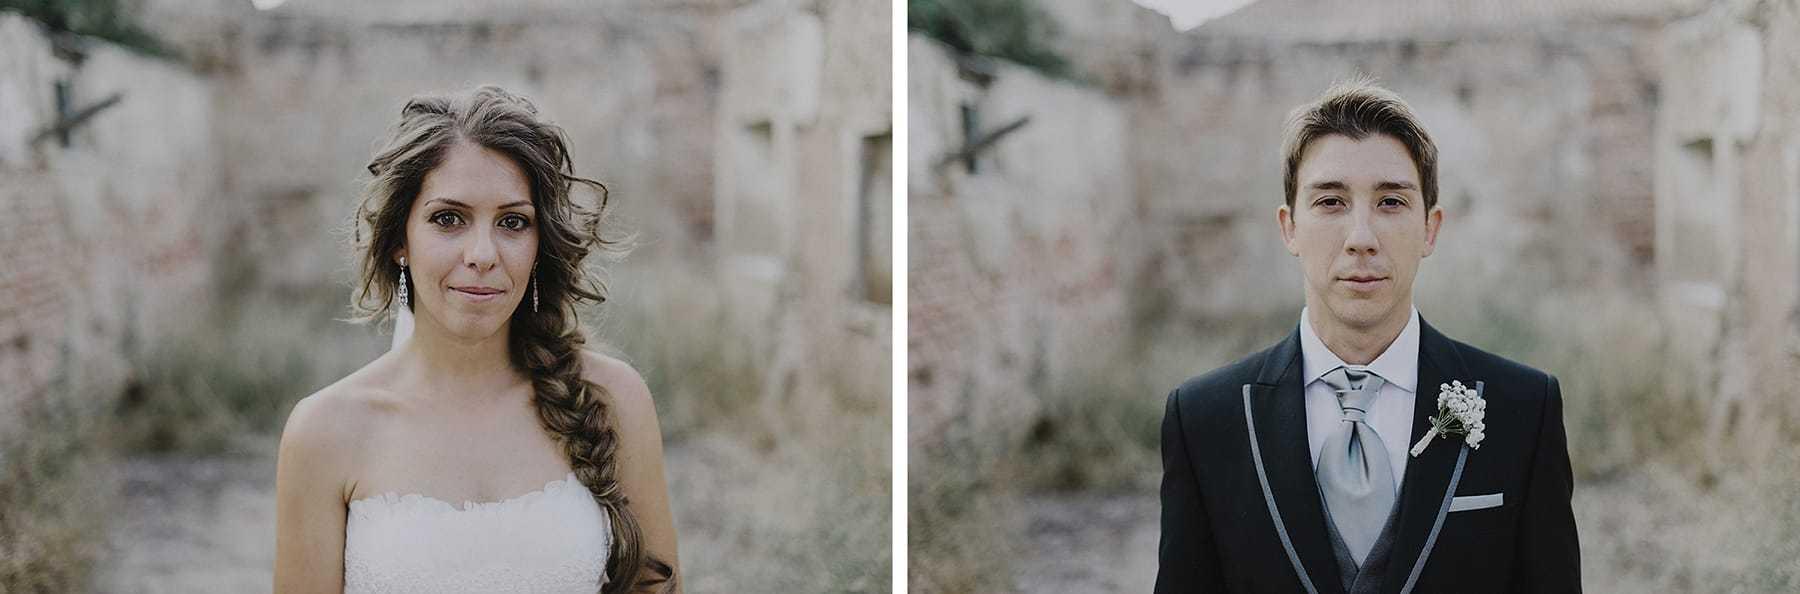 hilario_sanchez_fotografo_boda_palacio_aldovea_madrid_087